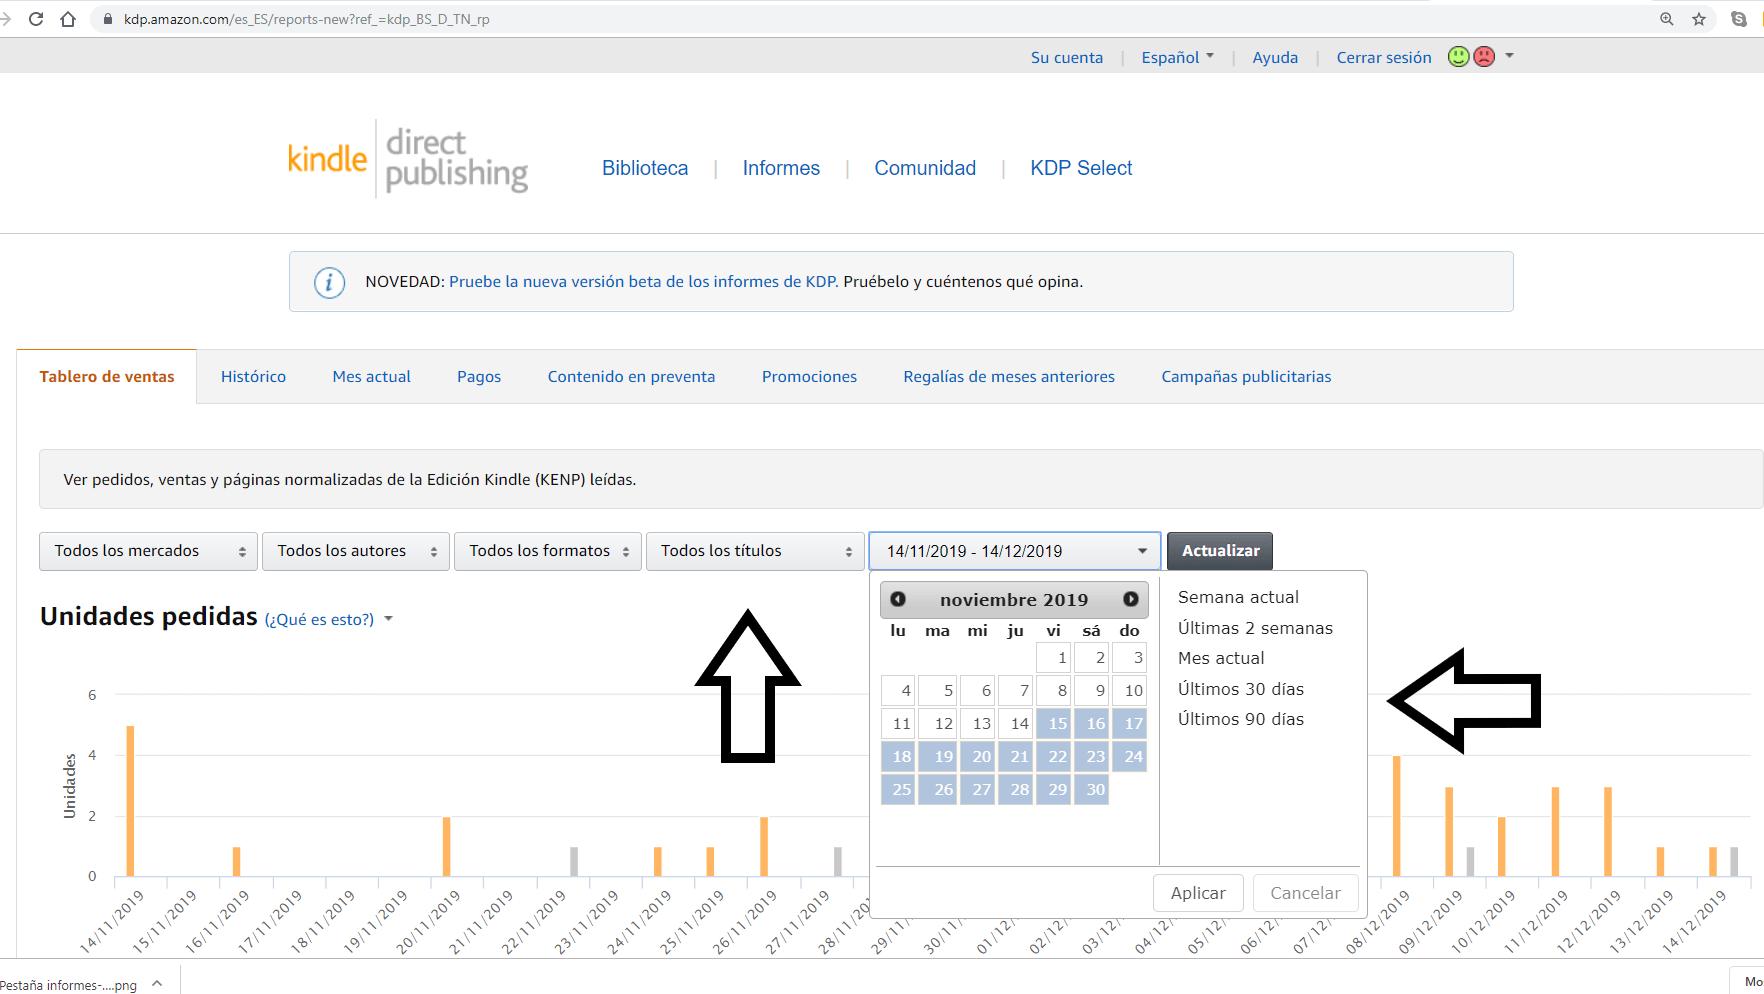 Consultar-tablero-de-ventas amazon kdp